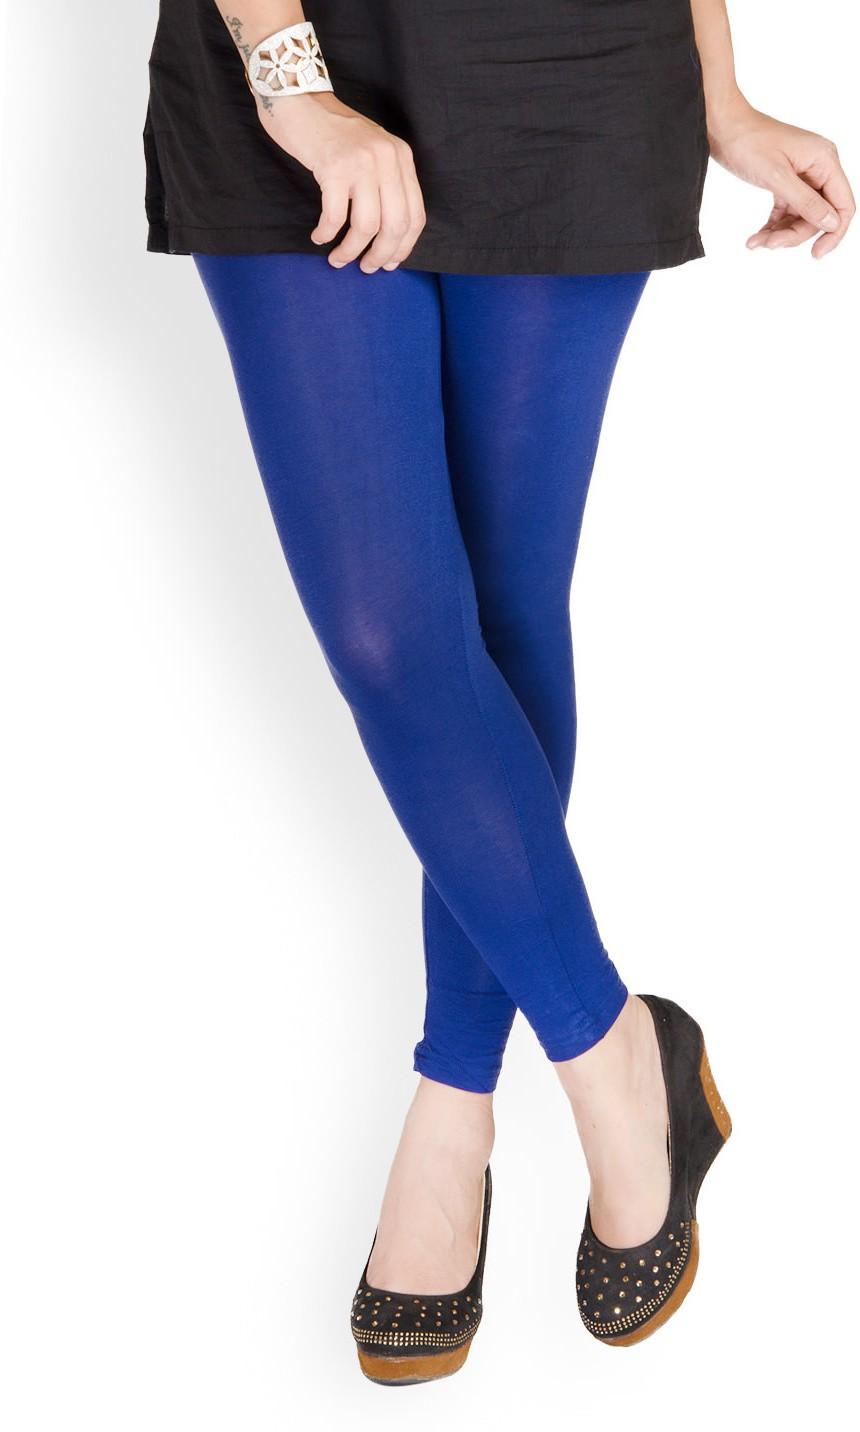 Medoo Womens Blue Leggings